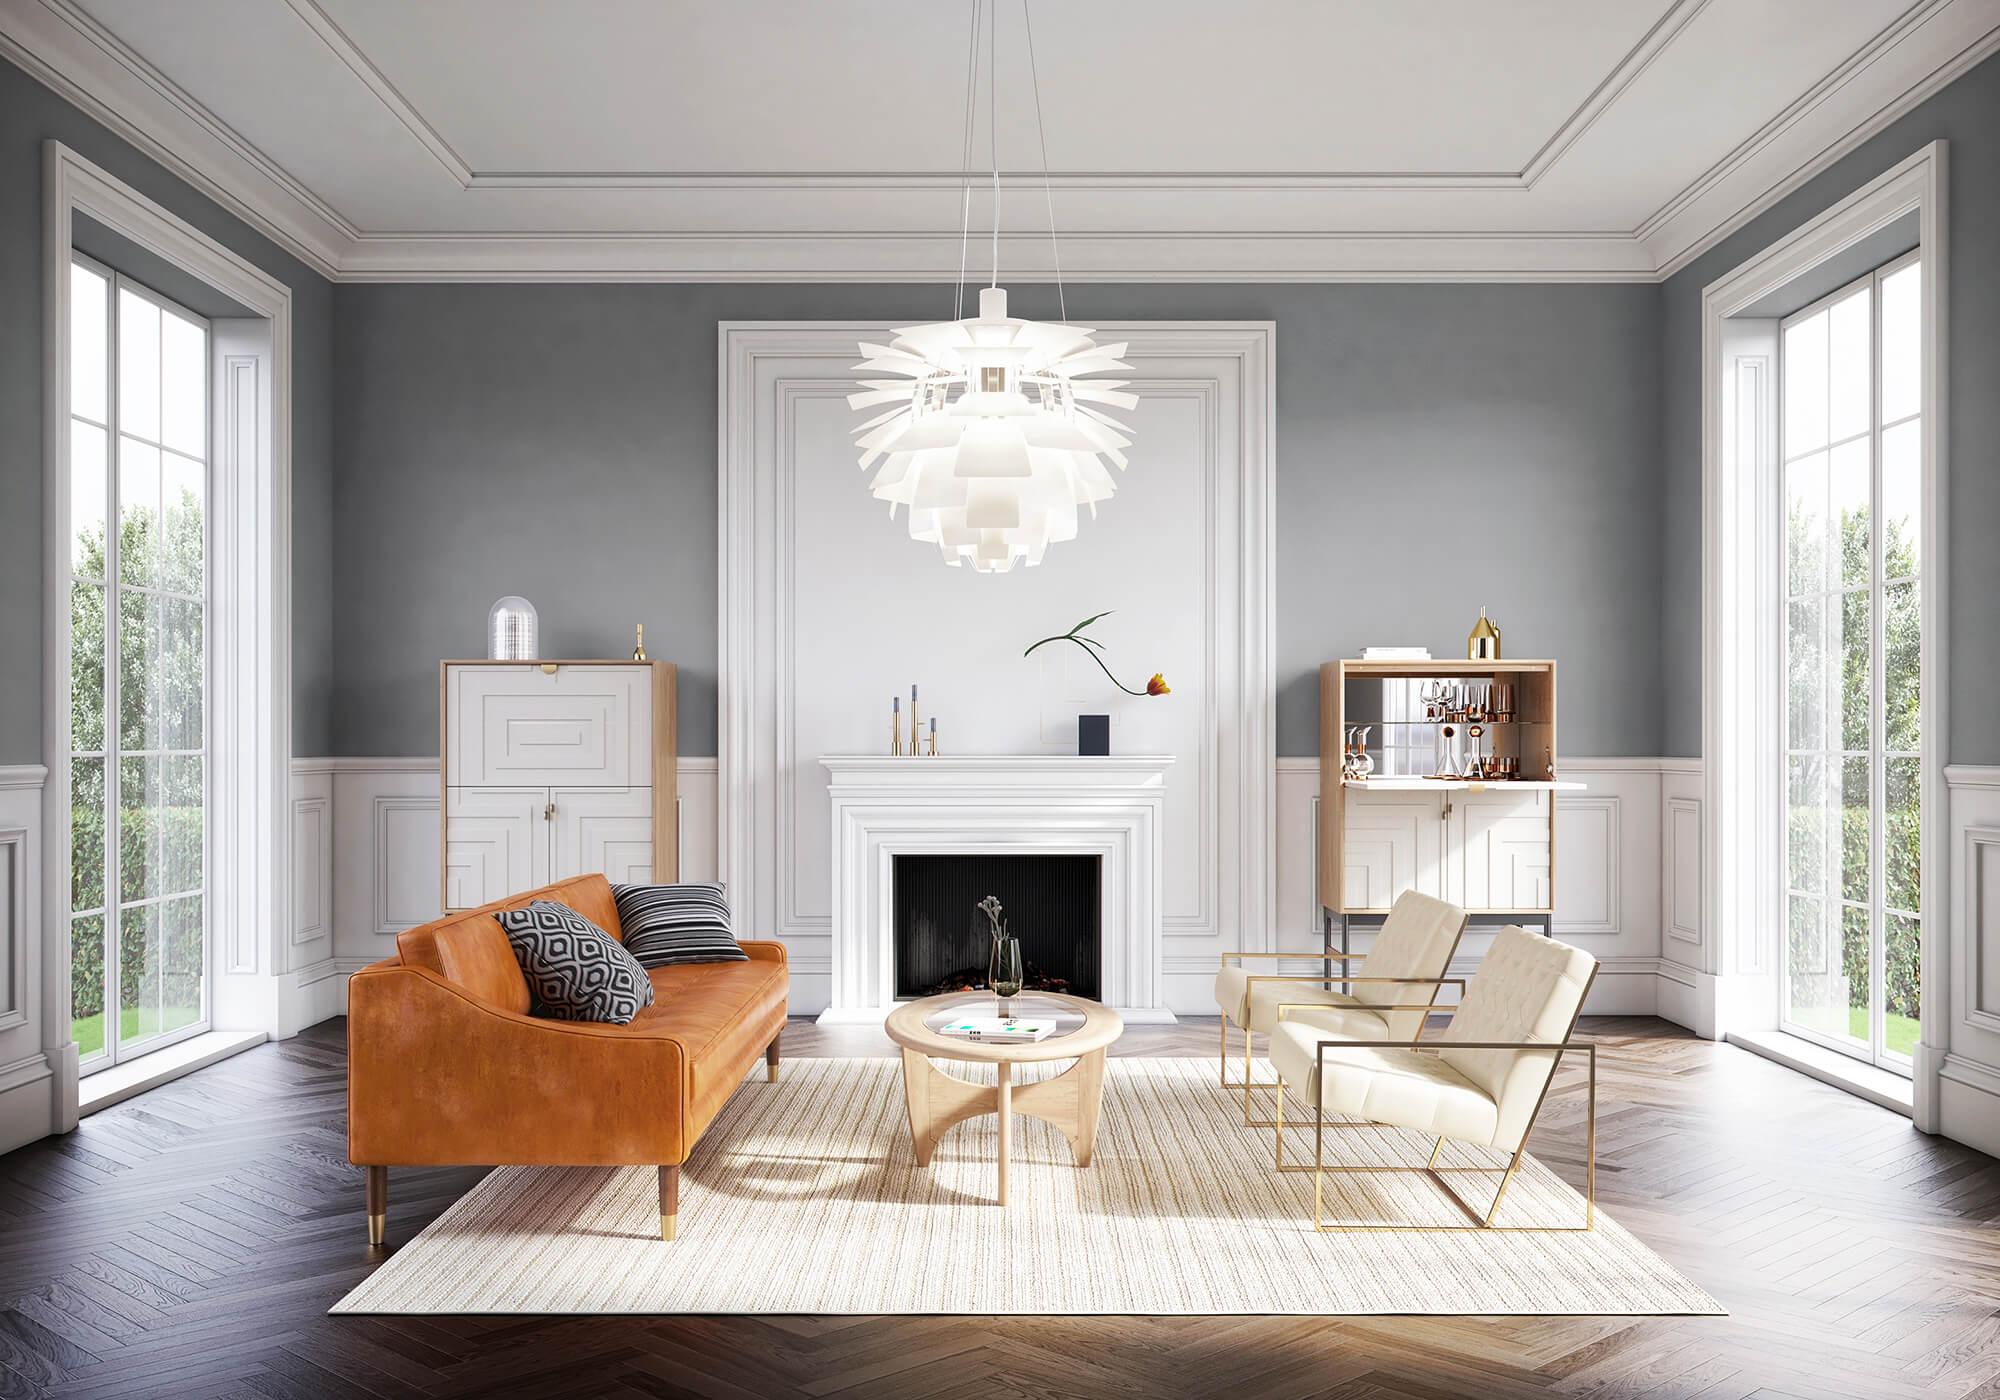 Brando 3 Lawson 1 Urbane Living Room Lounge Chair